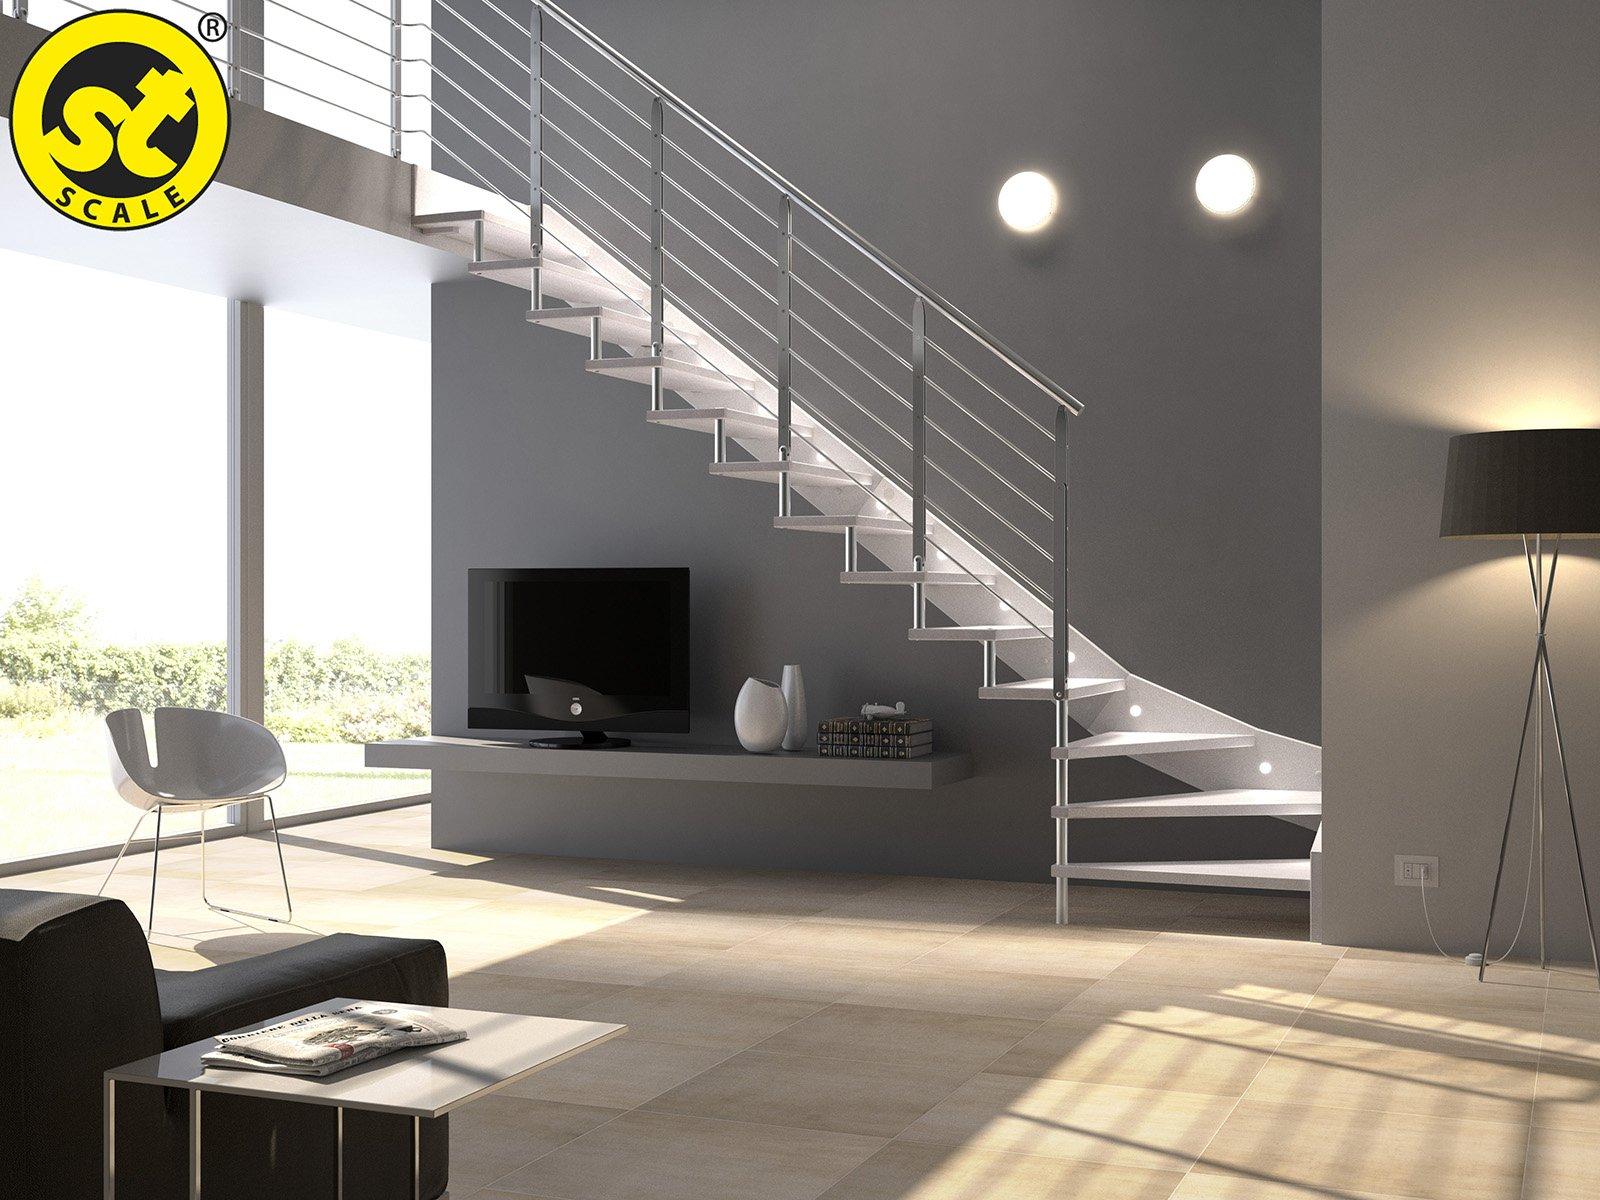 Casabook immobiliare scale prefabbricate modelli a - Case con scale interne ...